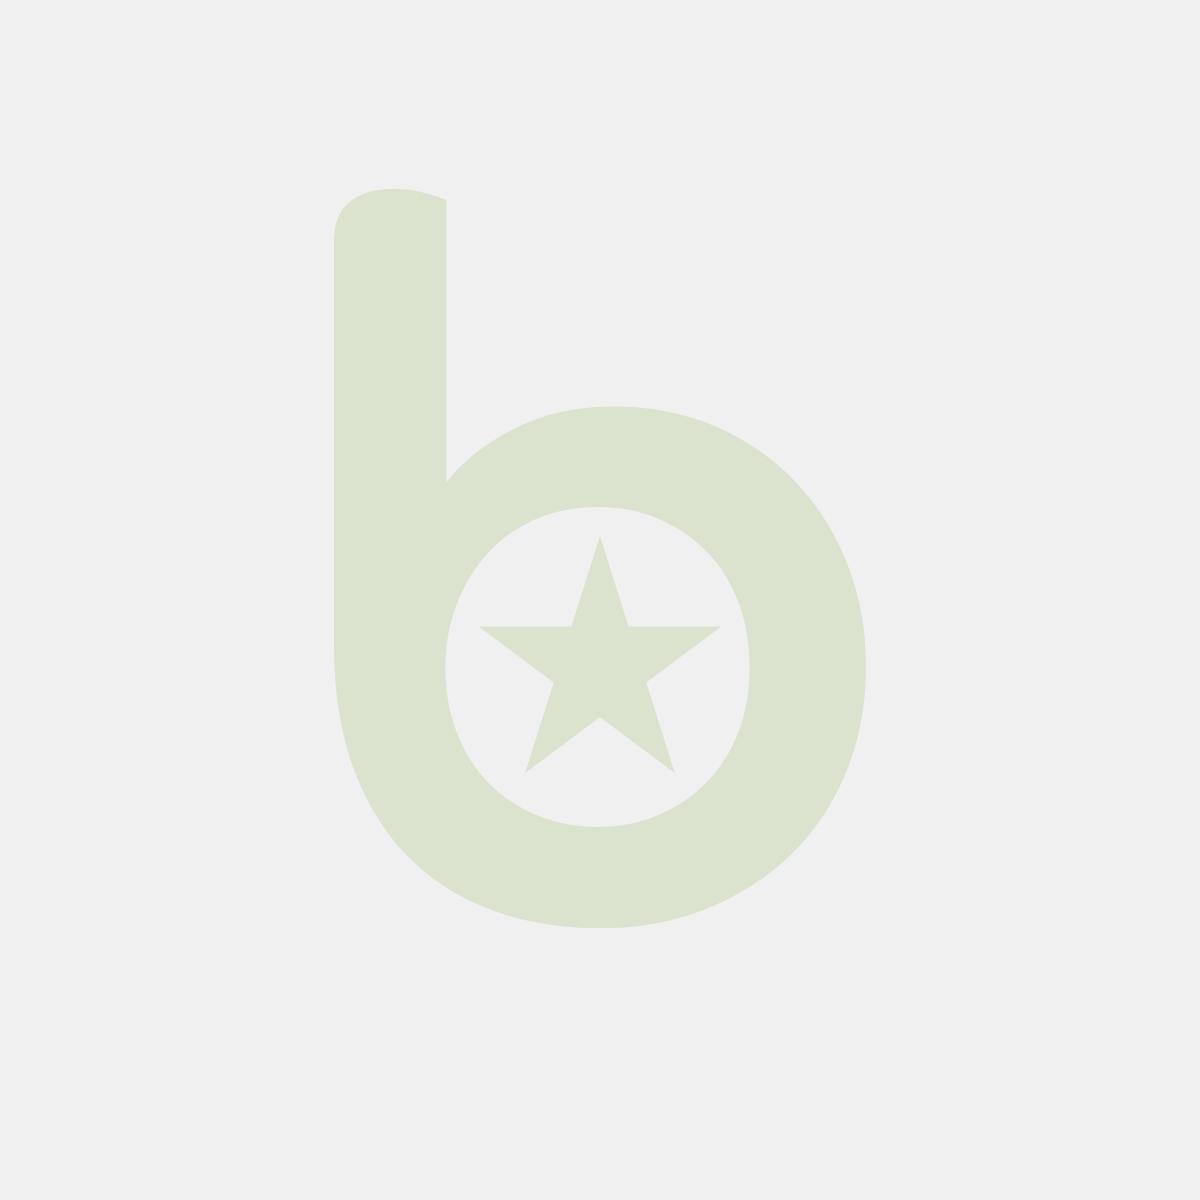 Papilotki TULIPANKI brązowe op.200 szt, wymiar 50mm x h85mm